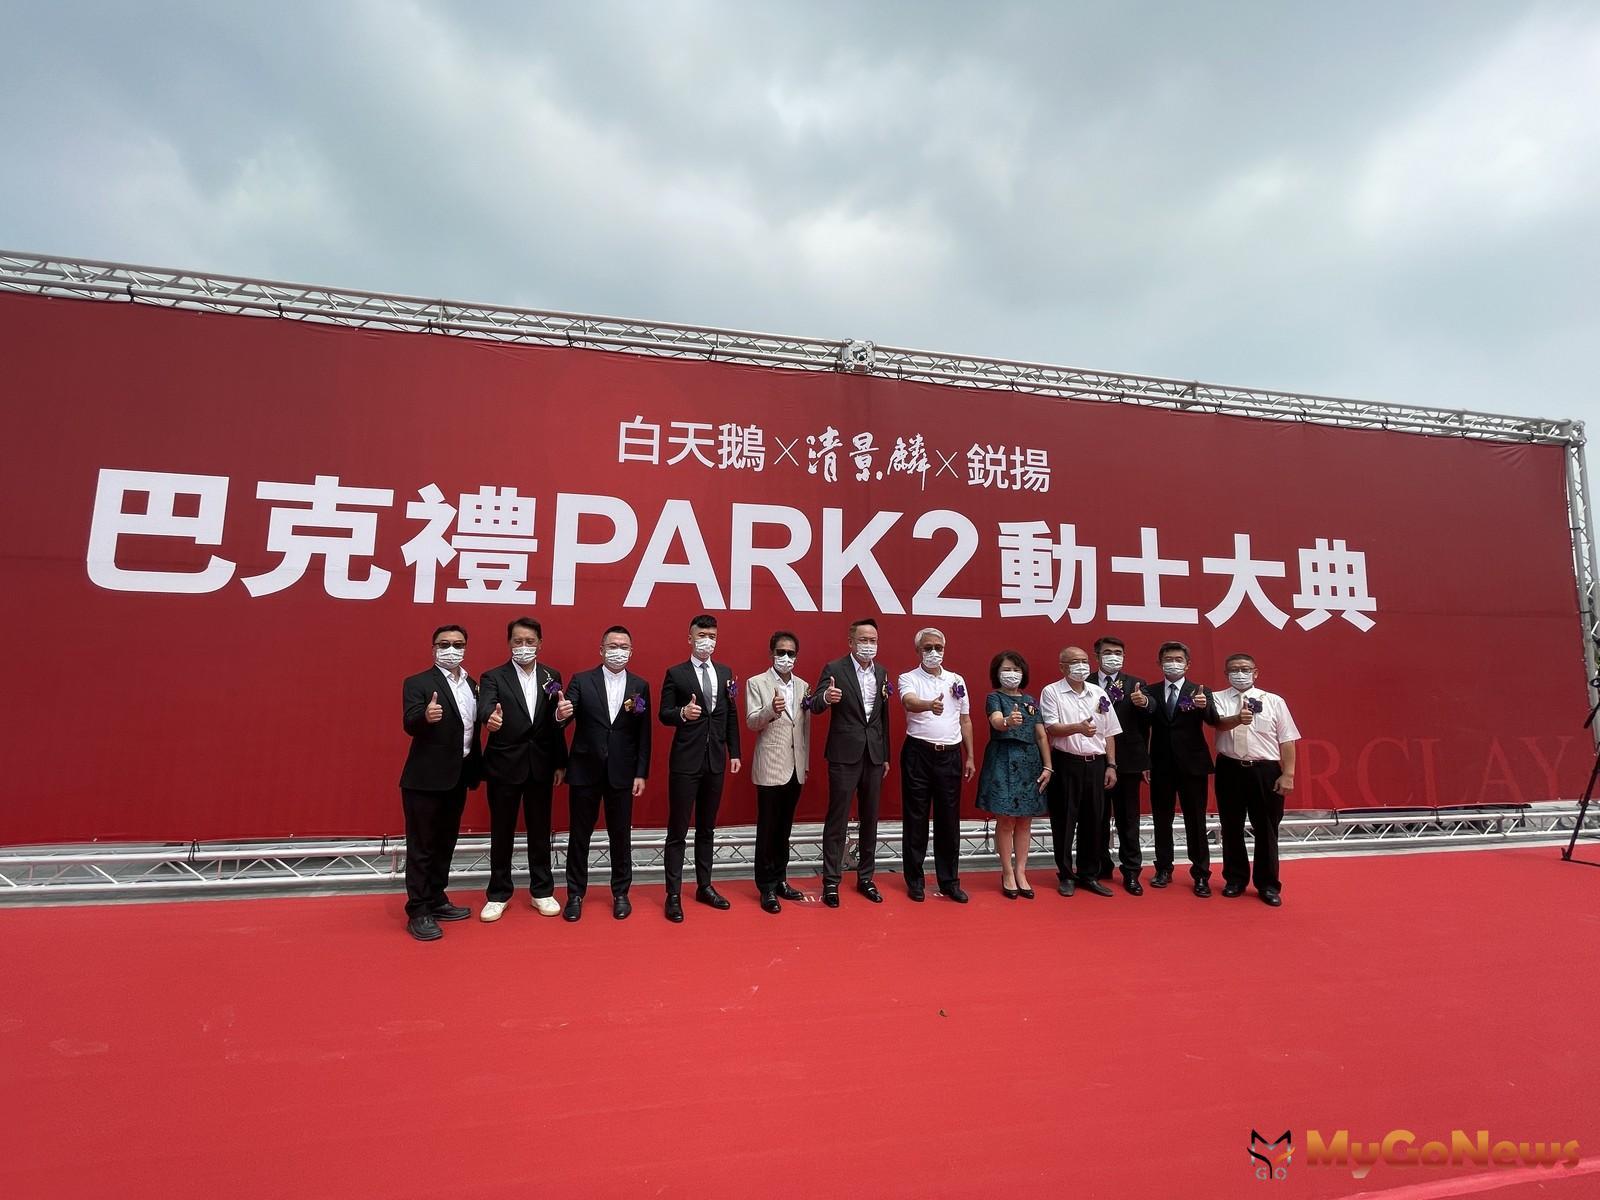 清景麟「巴克禮PARK1」完銷動工,PARK2預計2022年Q1登場,站上「3字頭」 MyGoNews房地產新聞 熱銷推案